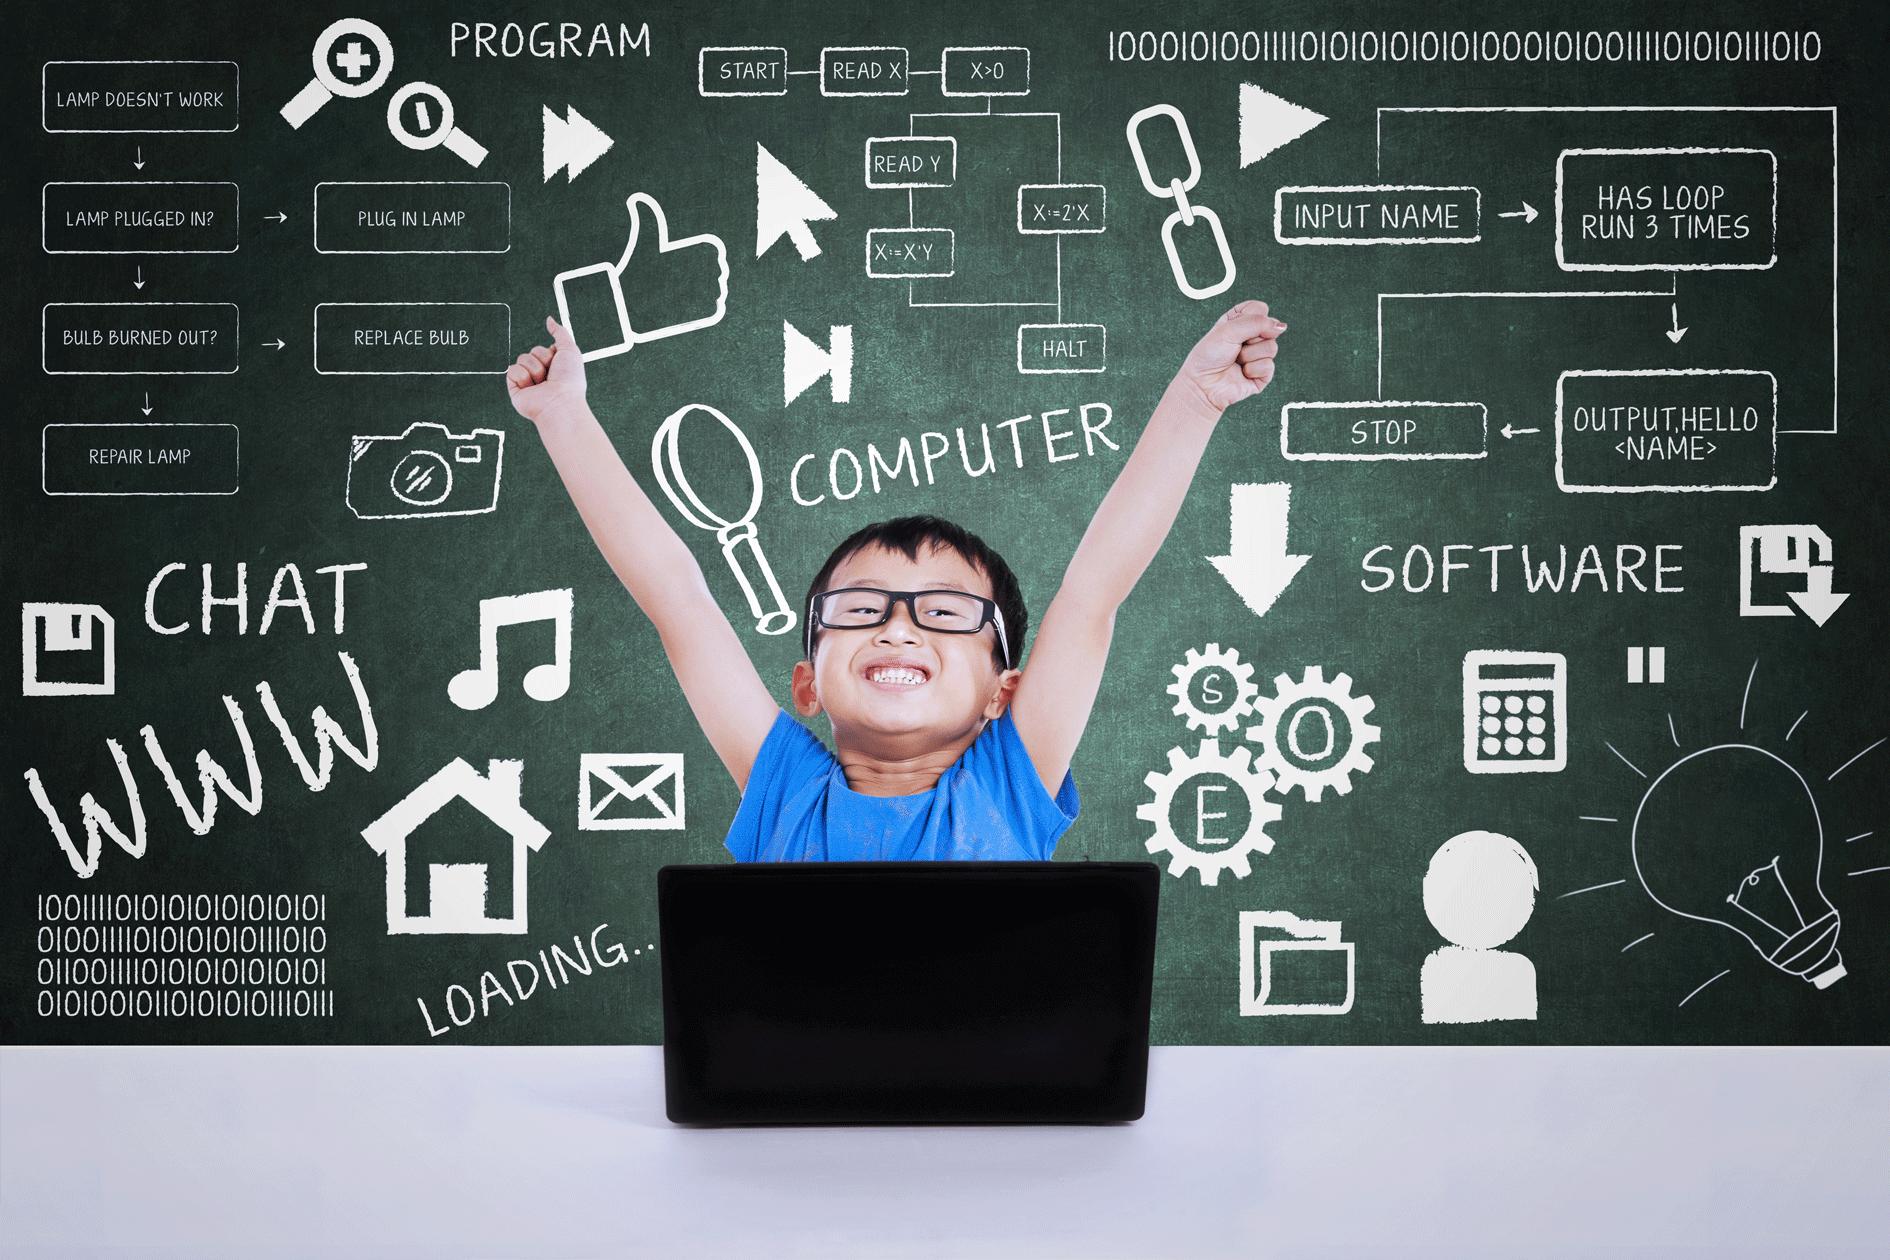 子ども向けプログラミング言語のスクラッチとは?わかりやすく解説をしてみた